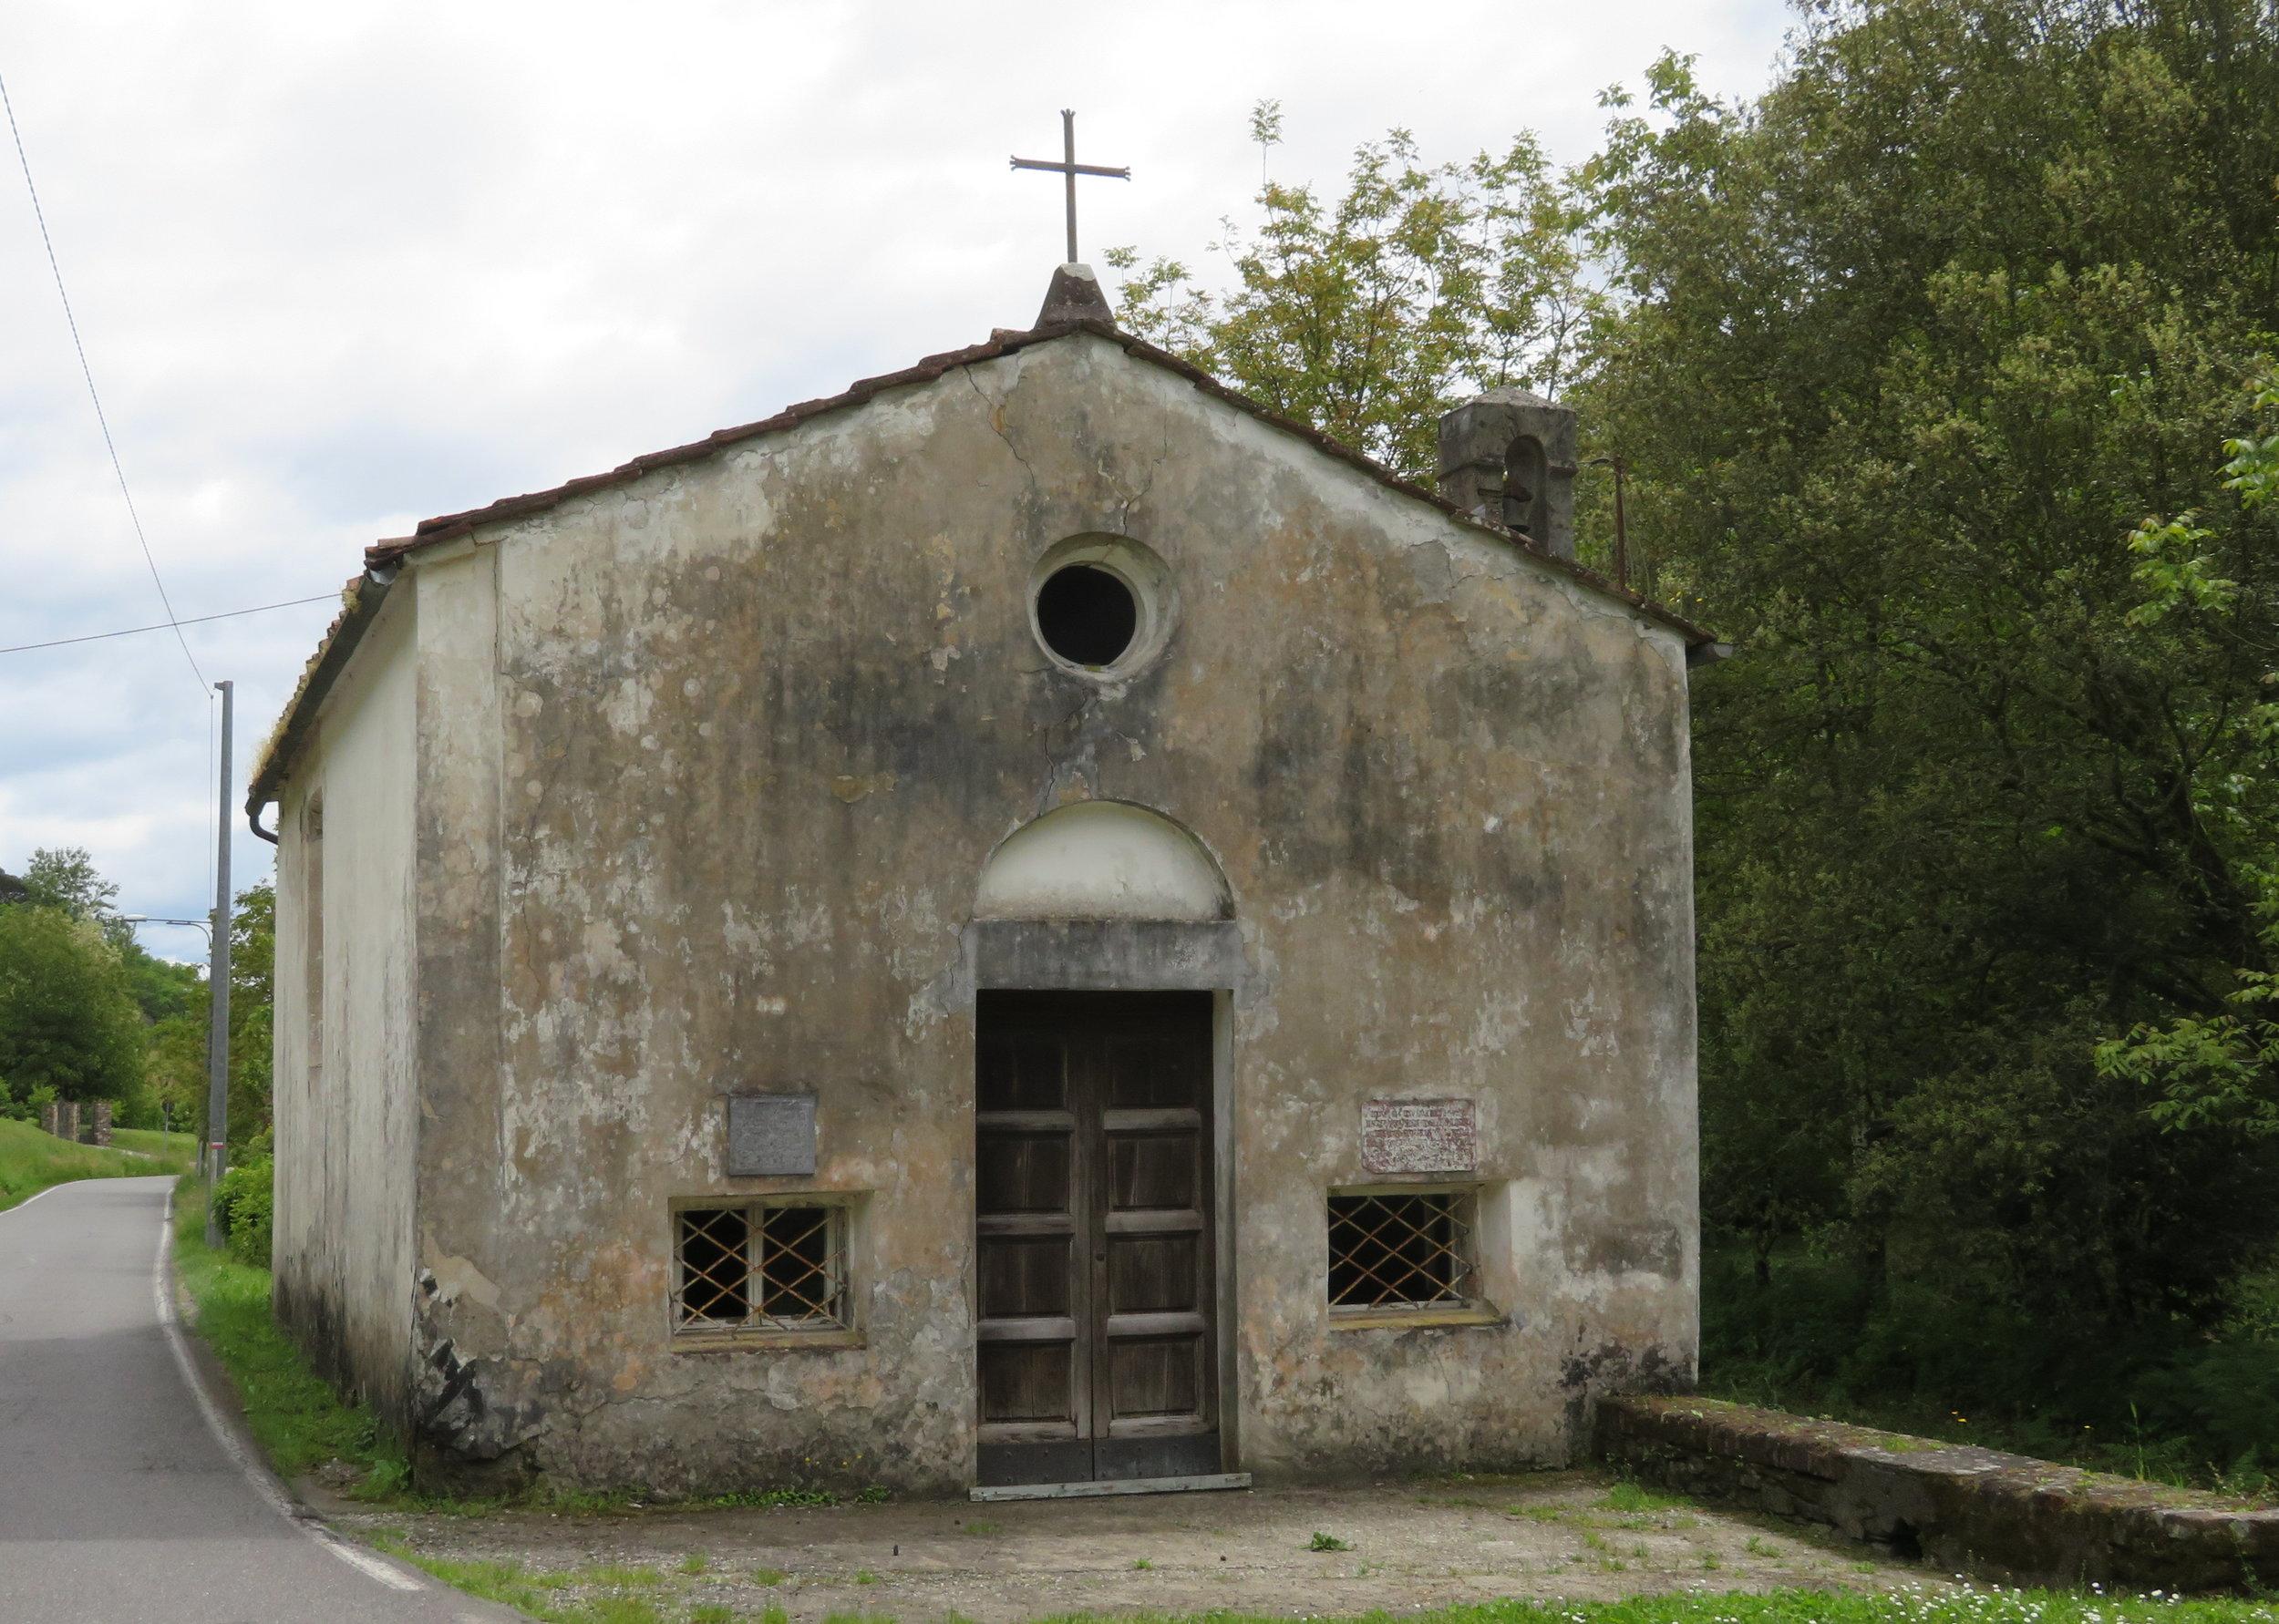 Centuries old Spedale di San Michele della Contessora was a hospice for pilgrims since 1175 AD.